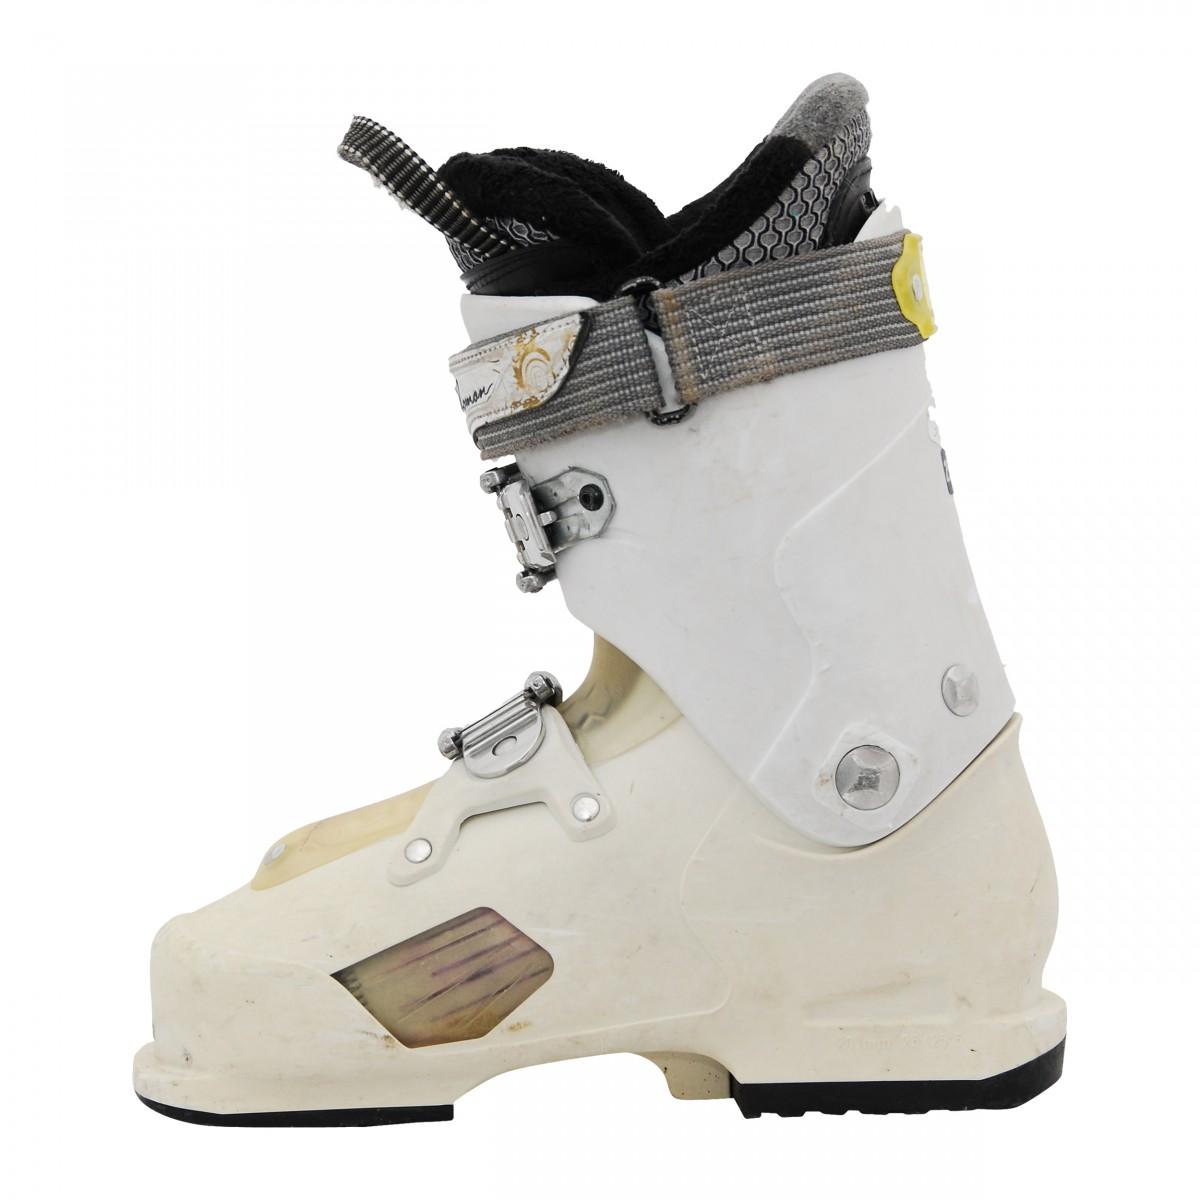 Chaussure de ski Occasion femme Salomon focus RS blanche